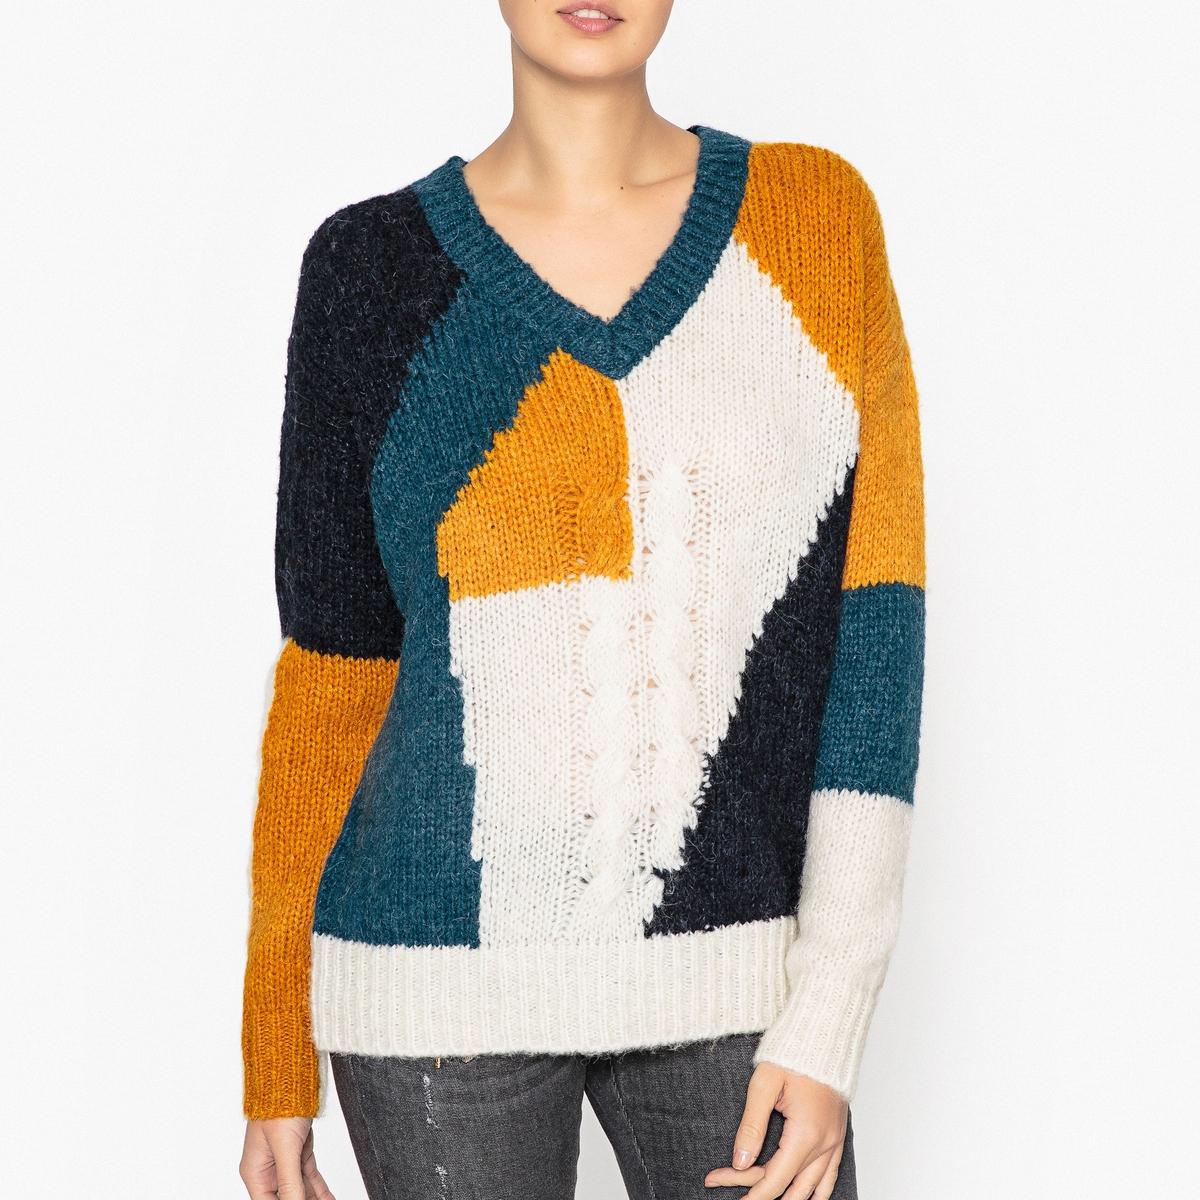 Пуловер с V-образным вырезом TONYОписание:Цветной пуловер с длинными рукавами BERENICE - модель TONY с V-образным вырезом.Детали   •  Длинные рукава •   V-образный вырез •  Плотный трикотаж Состав и уход   •  53% шерсти, 17% альпаки, 30% полиамида •  Следуйте советам по уходу, указанным на этикетке<br><br>Цвет: разноцветный